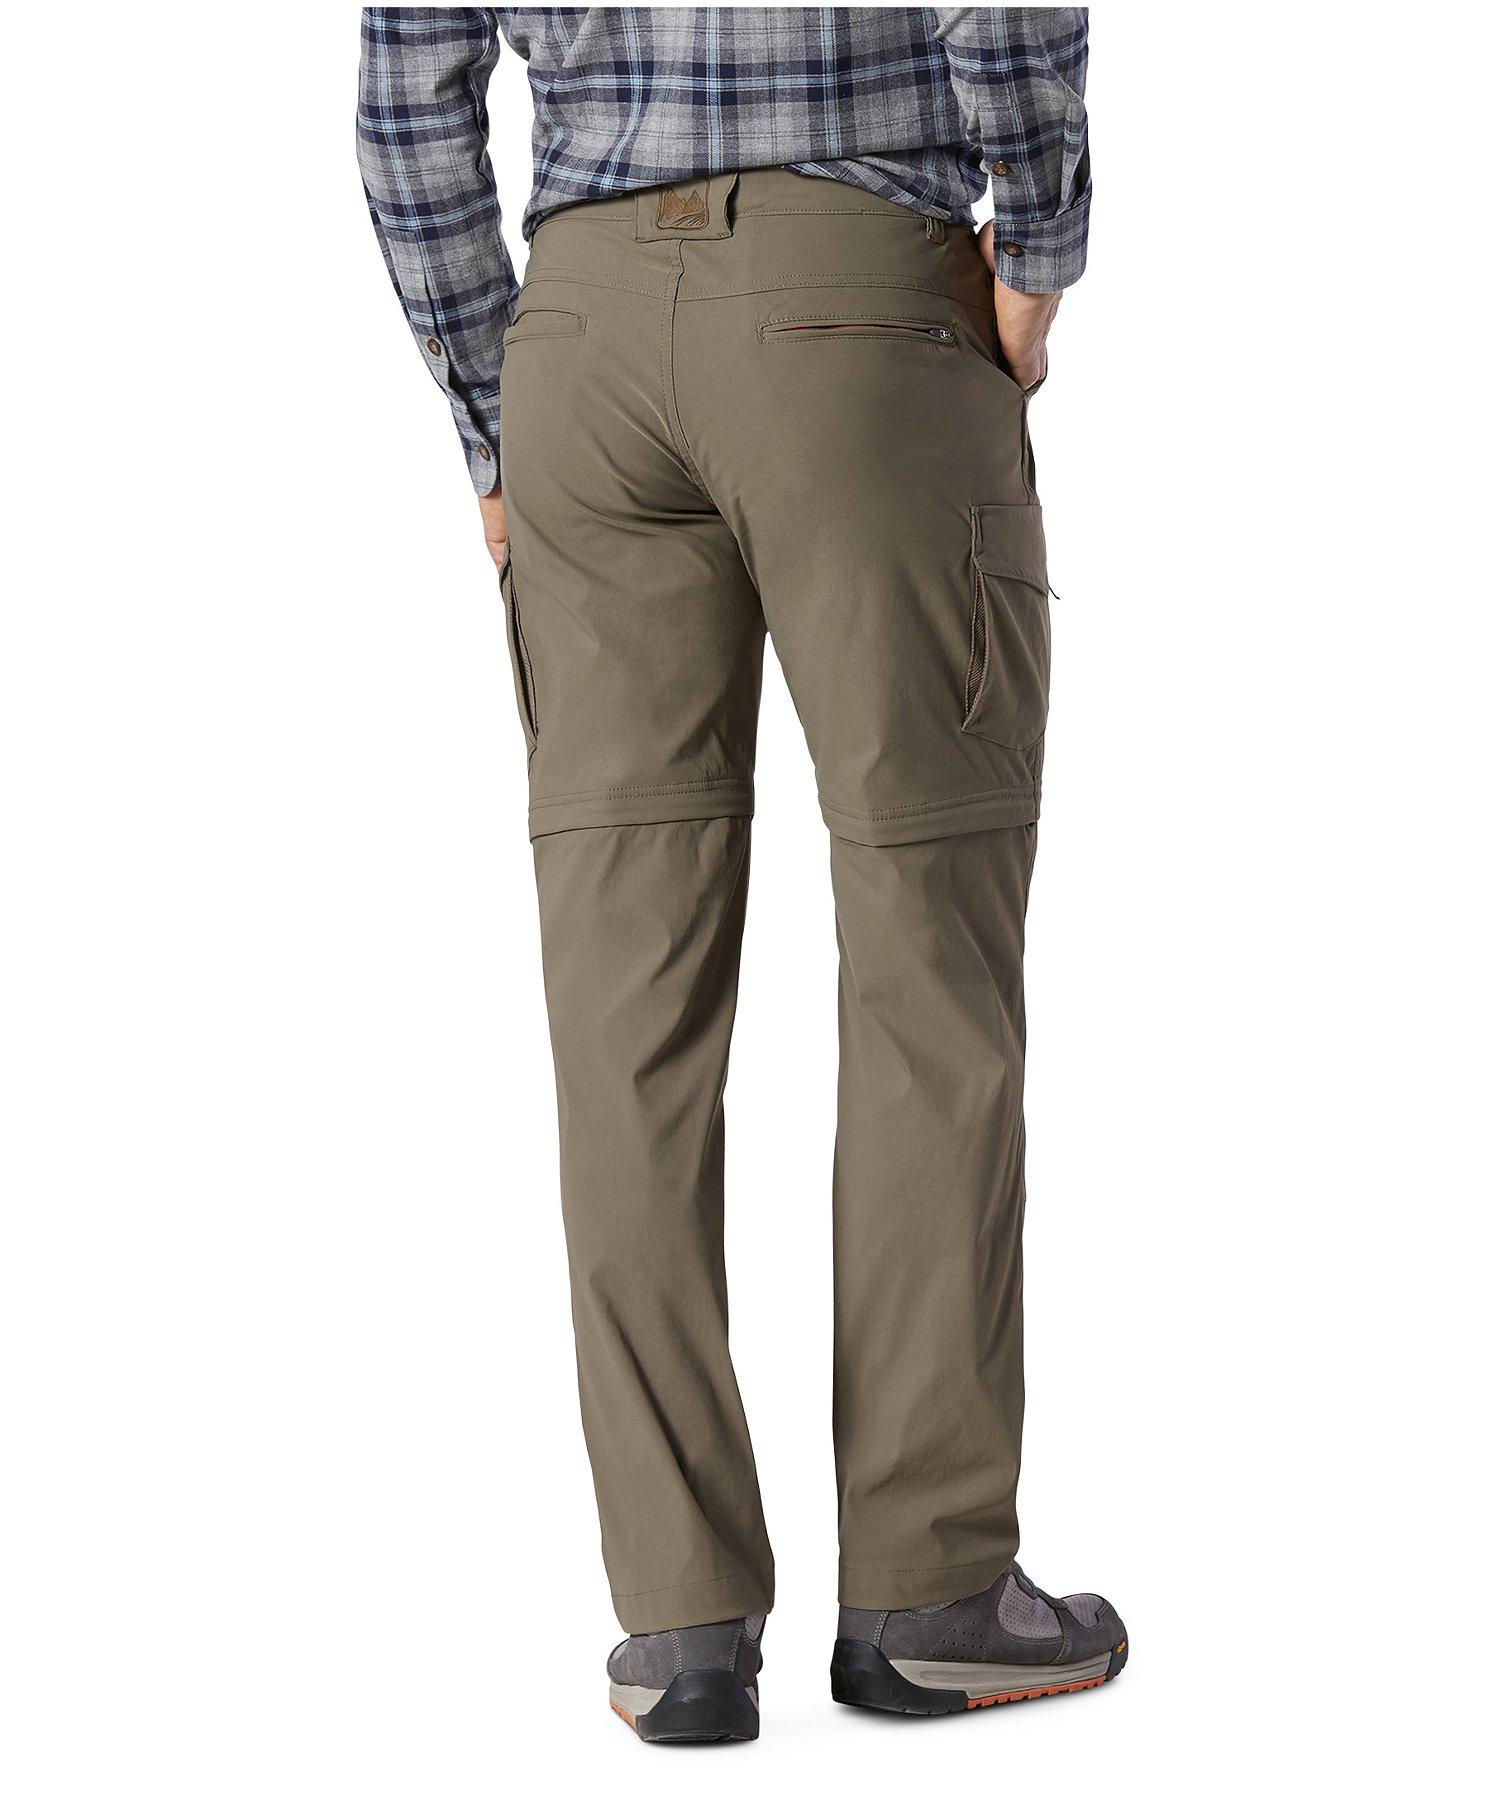 pas mal 387e8 7b76c Pantalon extensible à jambes amovibles à glissière pour hommes